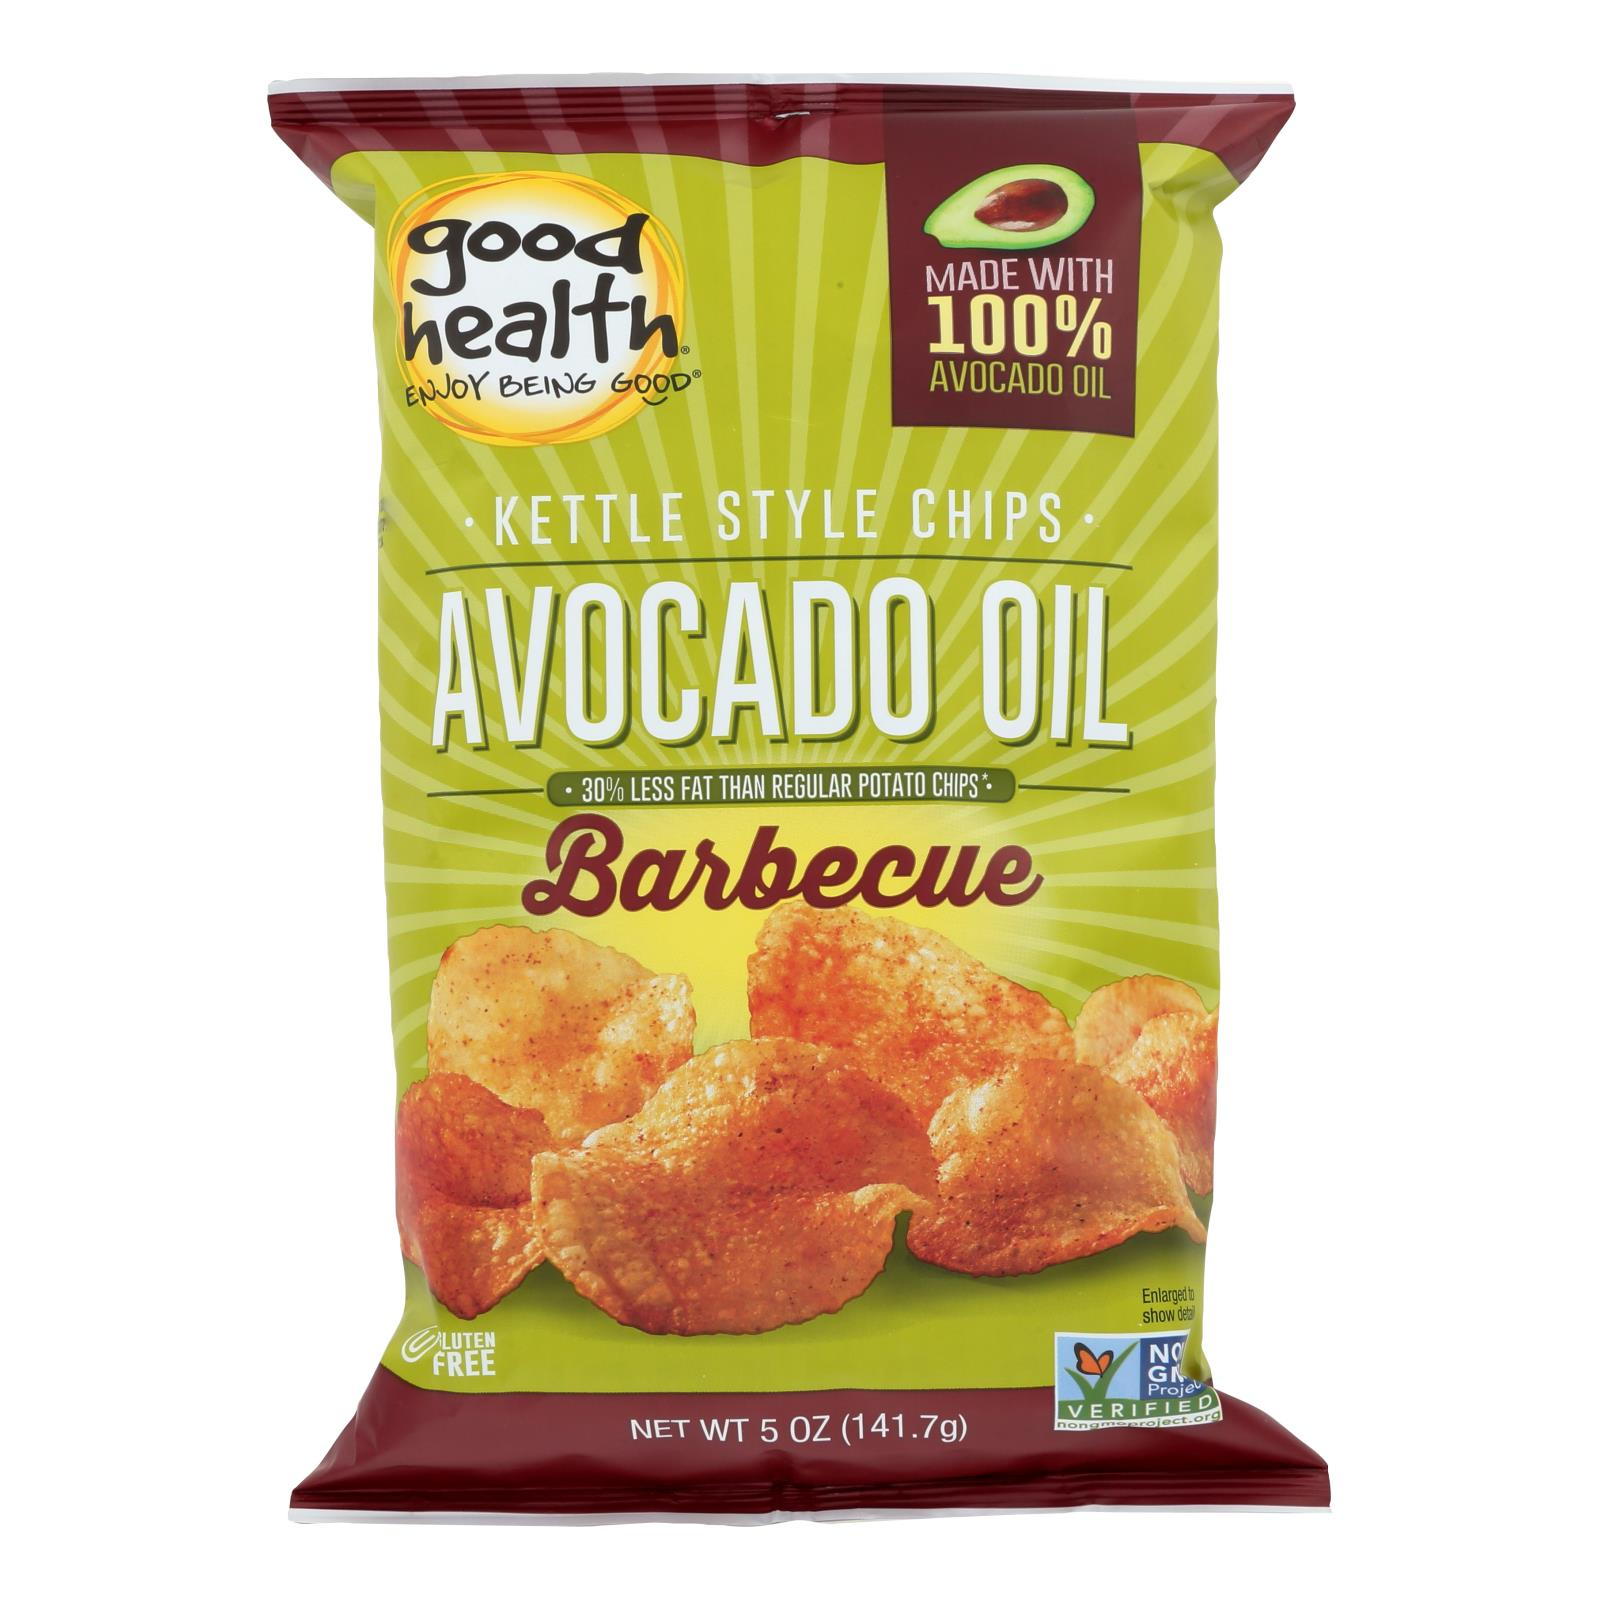 Good Health Avocado Oil - Barbecue - Case of 12 - 5 oz.